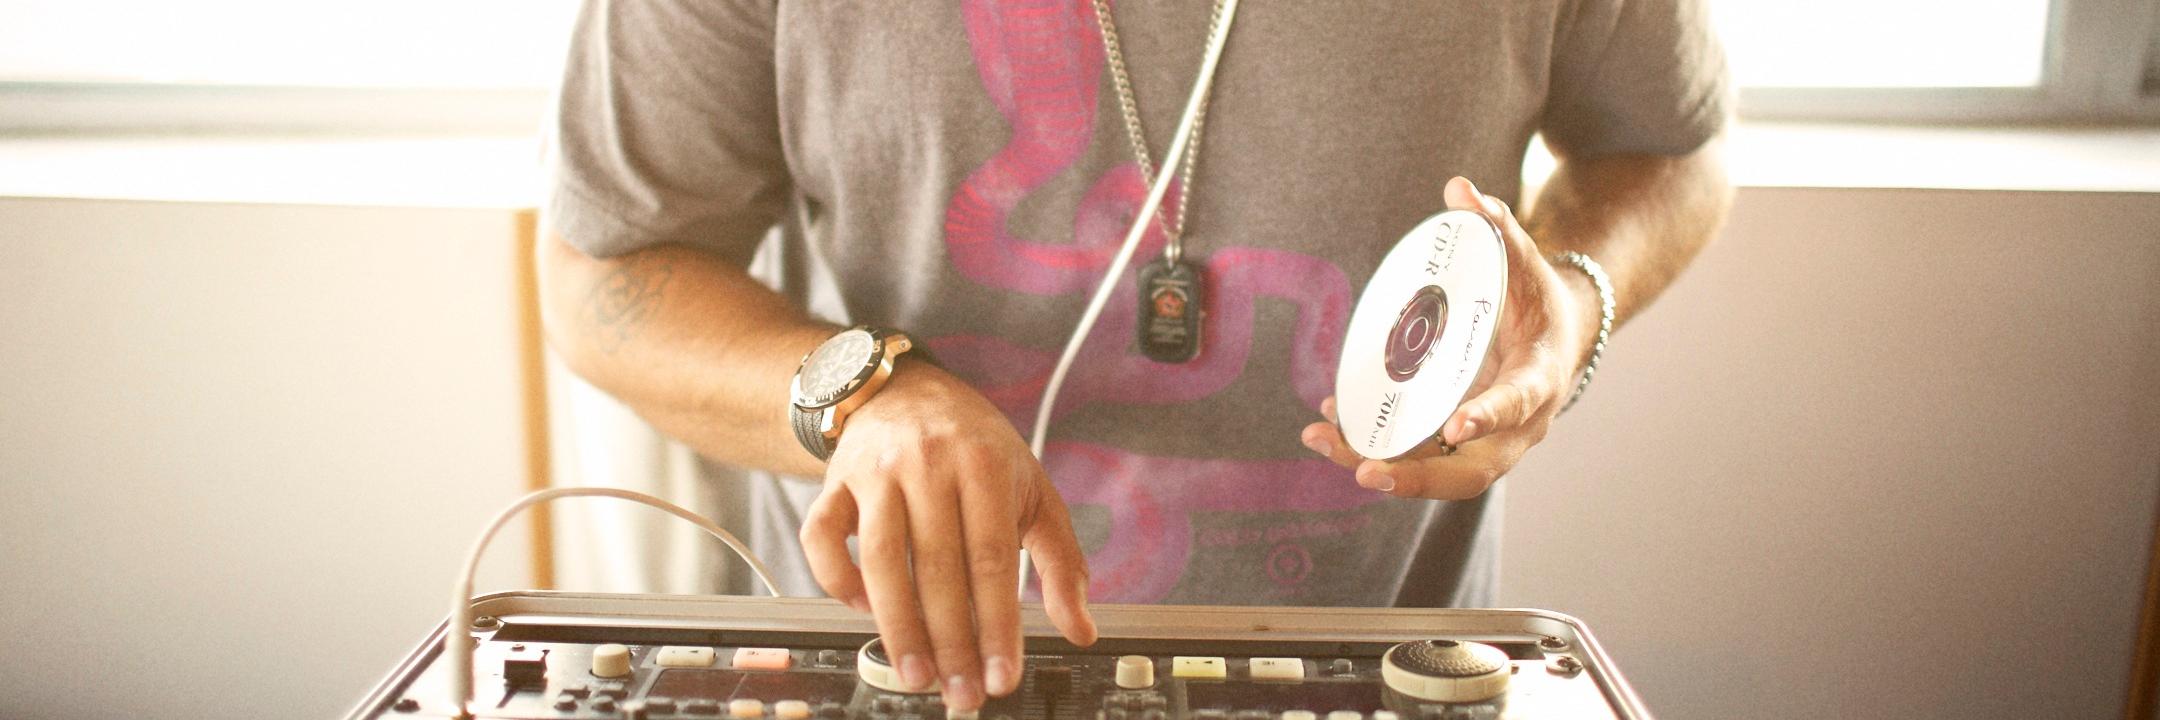 Torek Portugal , DJ Dj en représentation à Gironde - photo de couverture n° 1